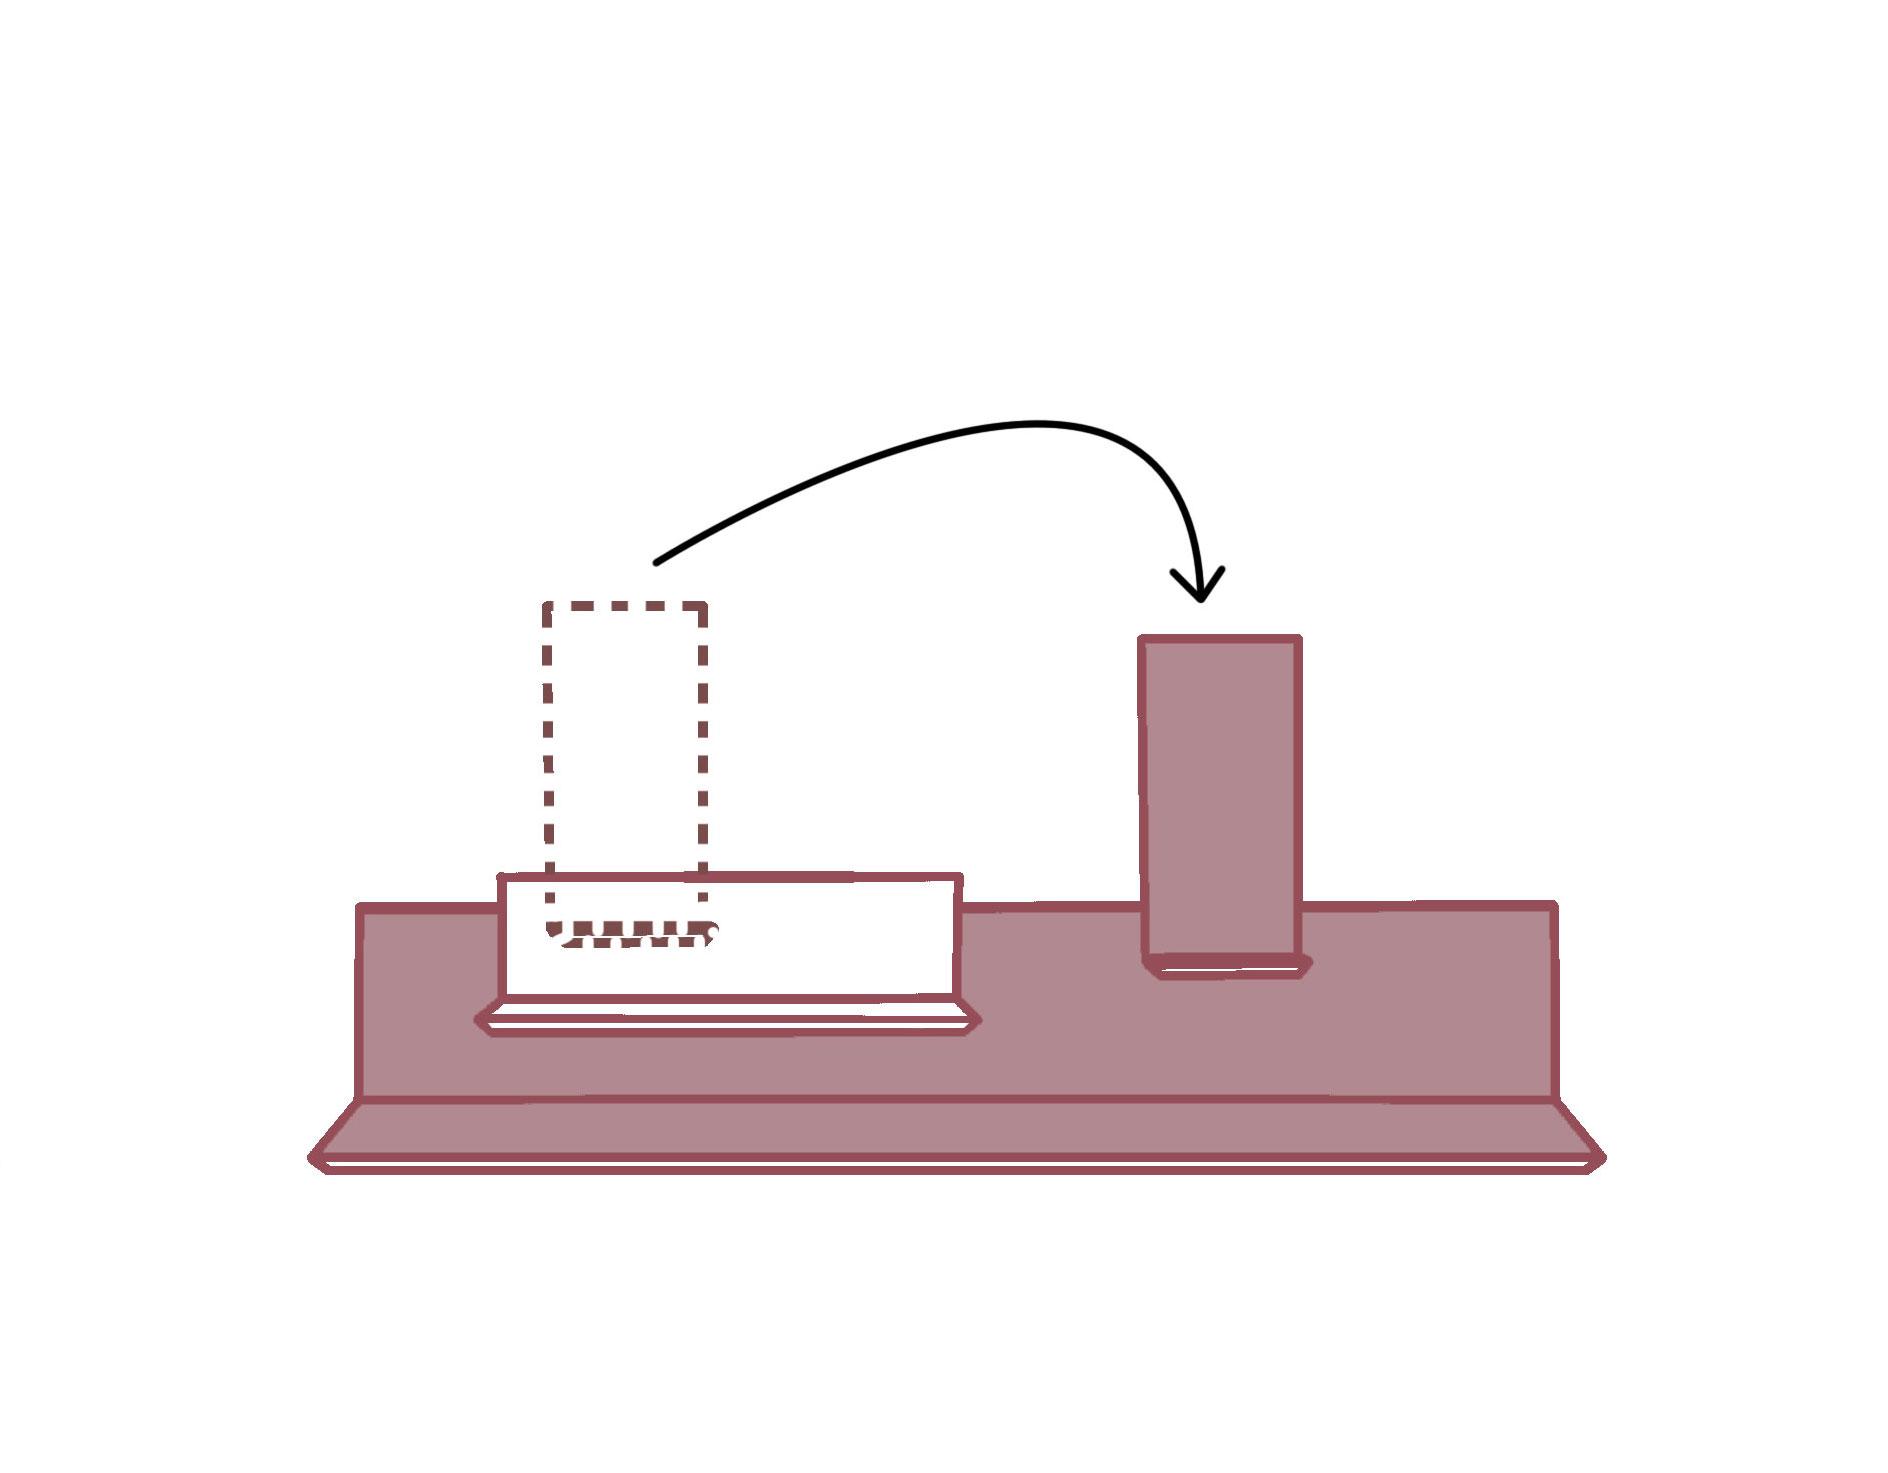 2. Spostali quando vuoi - Le mensole sono dotate di un sistema di aggancio sul retro che ti consente di riposizionarle in qualsiasi momento, per poter creare configurazioni sempre nuove